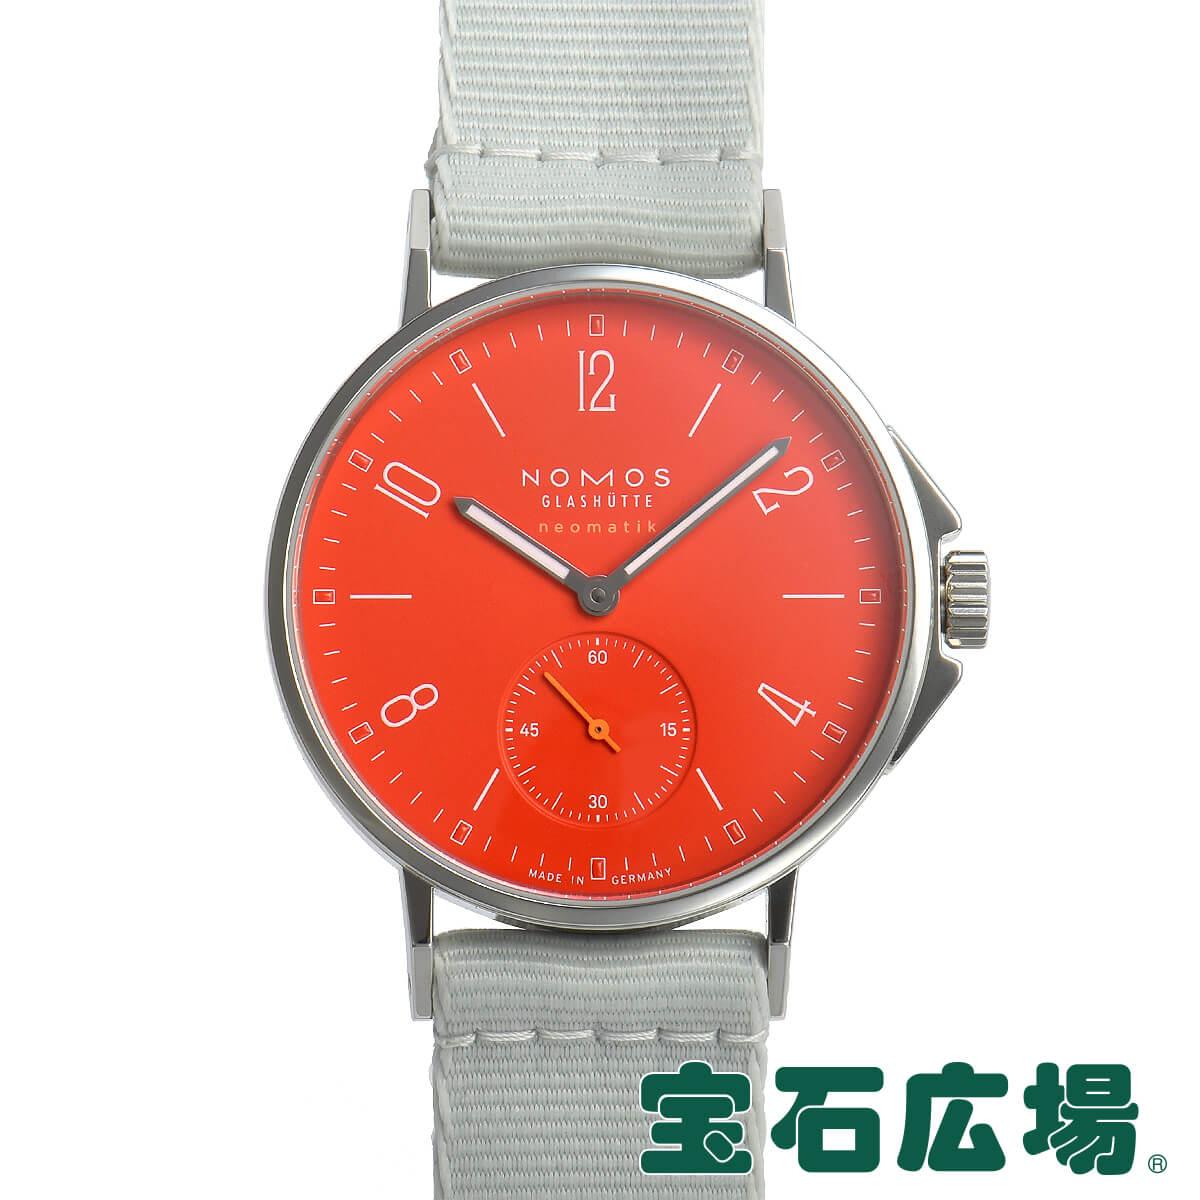 【最大3万円OFFクーポン配布中!5/1(金)0時開始】ノモス NOMOS アホイ ネオマティック シグナルレッド AH130011SR2(563)【新品】メンズ 腕時計 送料無料